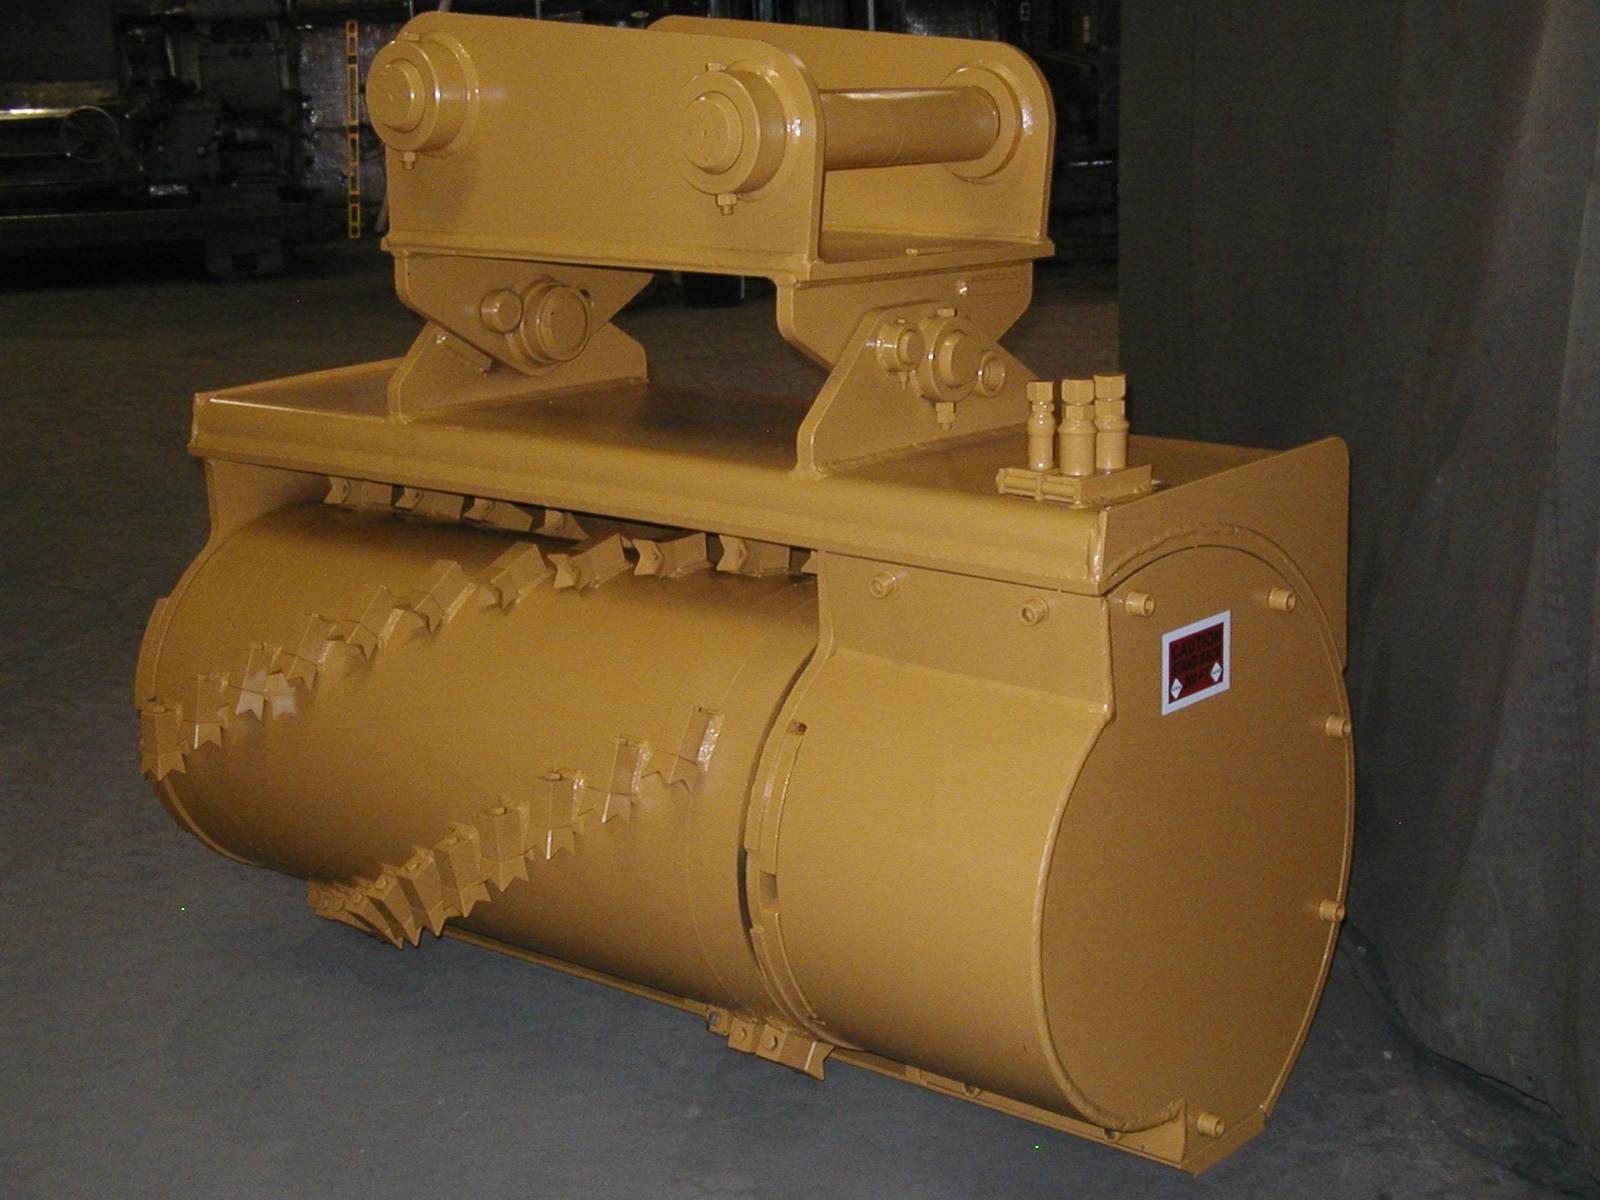 New, 2020, Wag Way, Model 1100 Drum Grinder, Stump Grinder Attachments